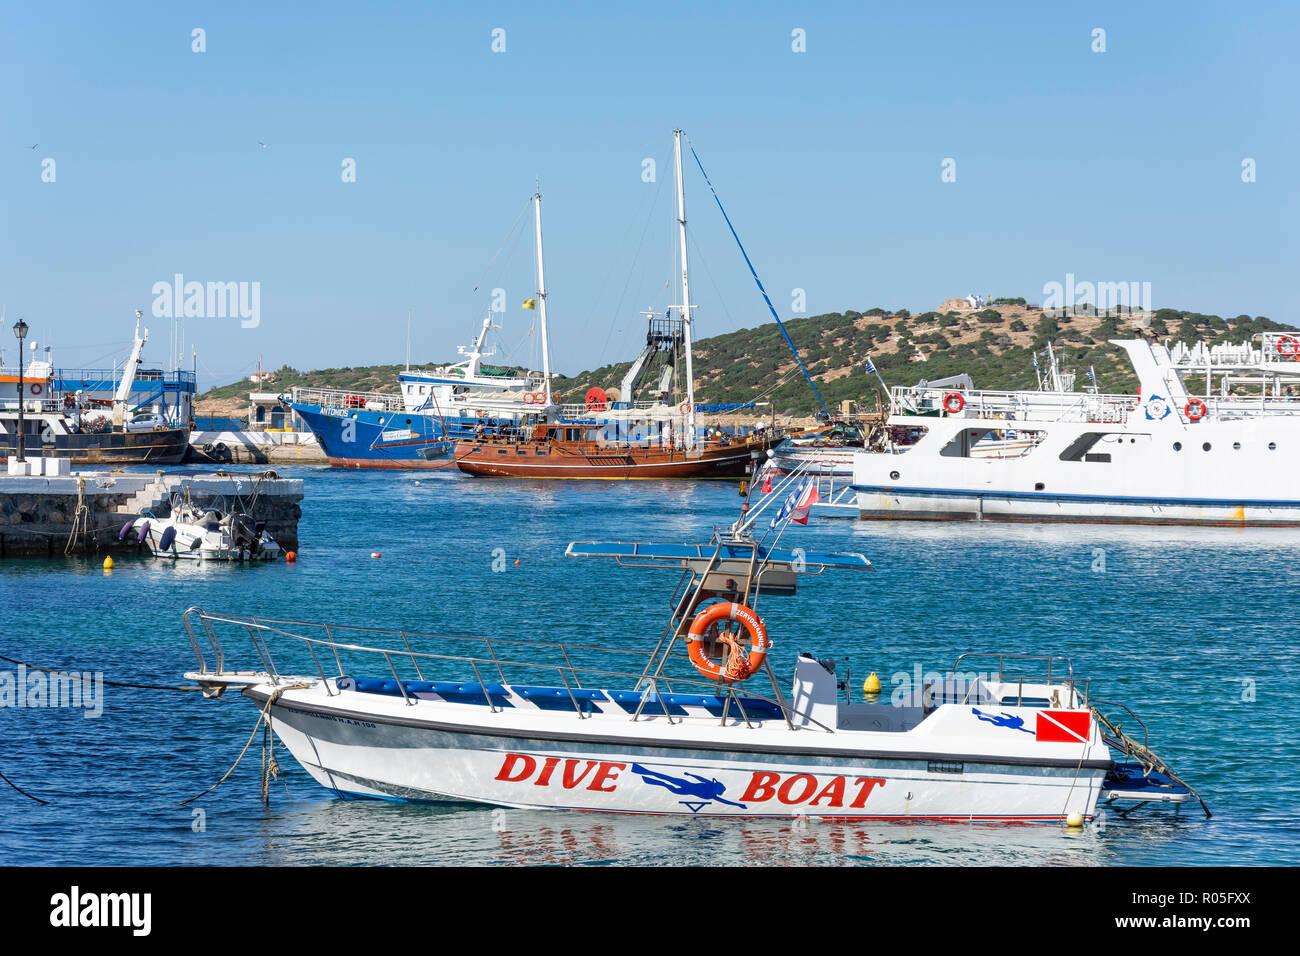 Escursione e barche per immersioni in porto, Agios Nikolaos, Λασίθι, Creta (Kriti), Grecia Immagini Stock